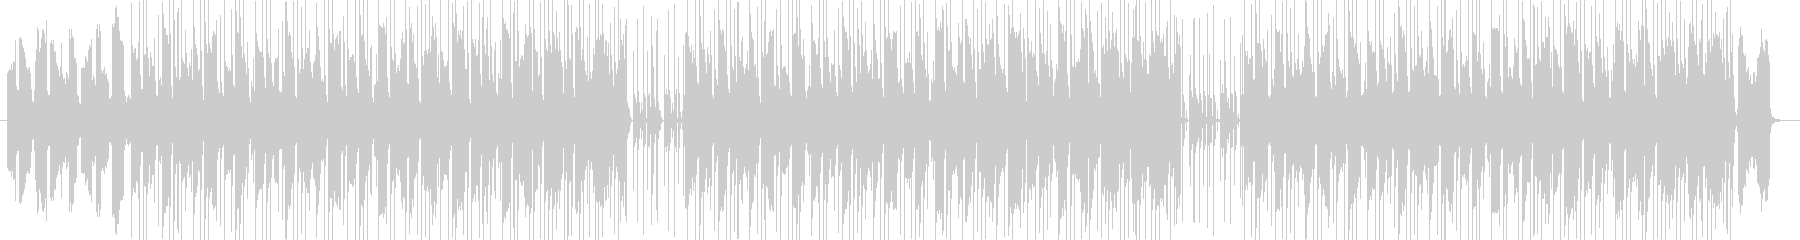 カフェ系インテリなお洒落エモポップスの未再生の波形